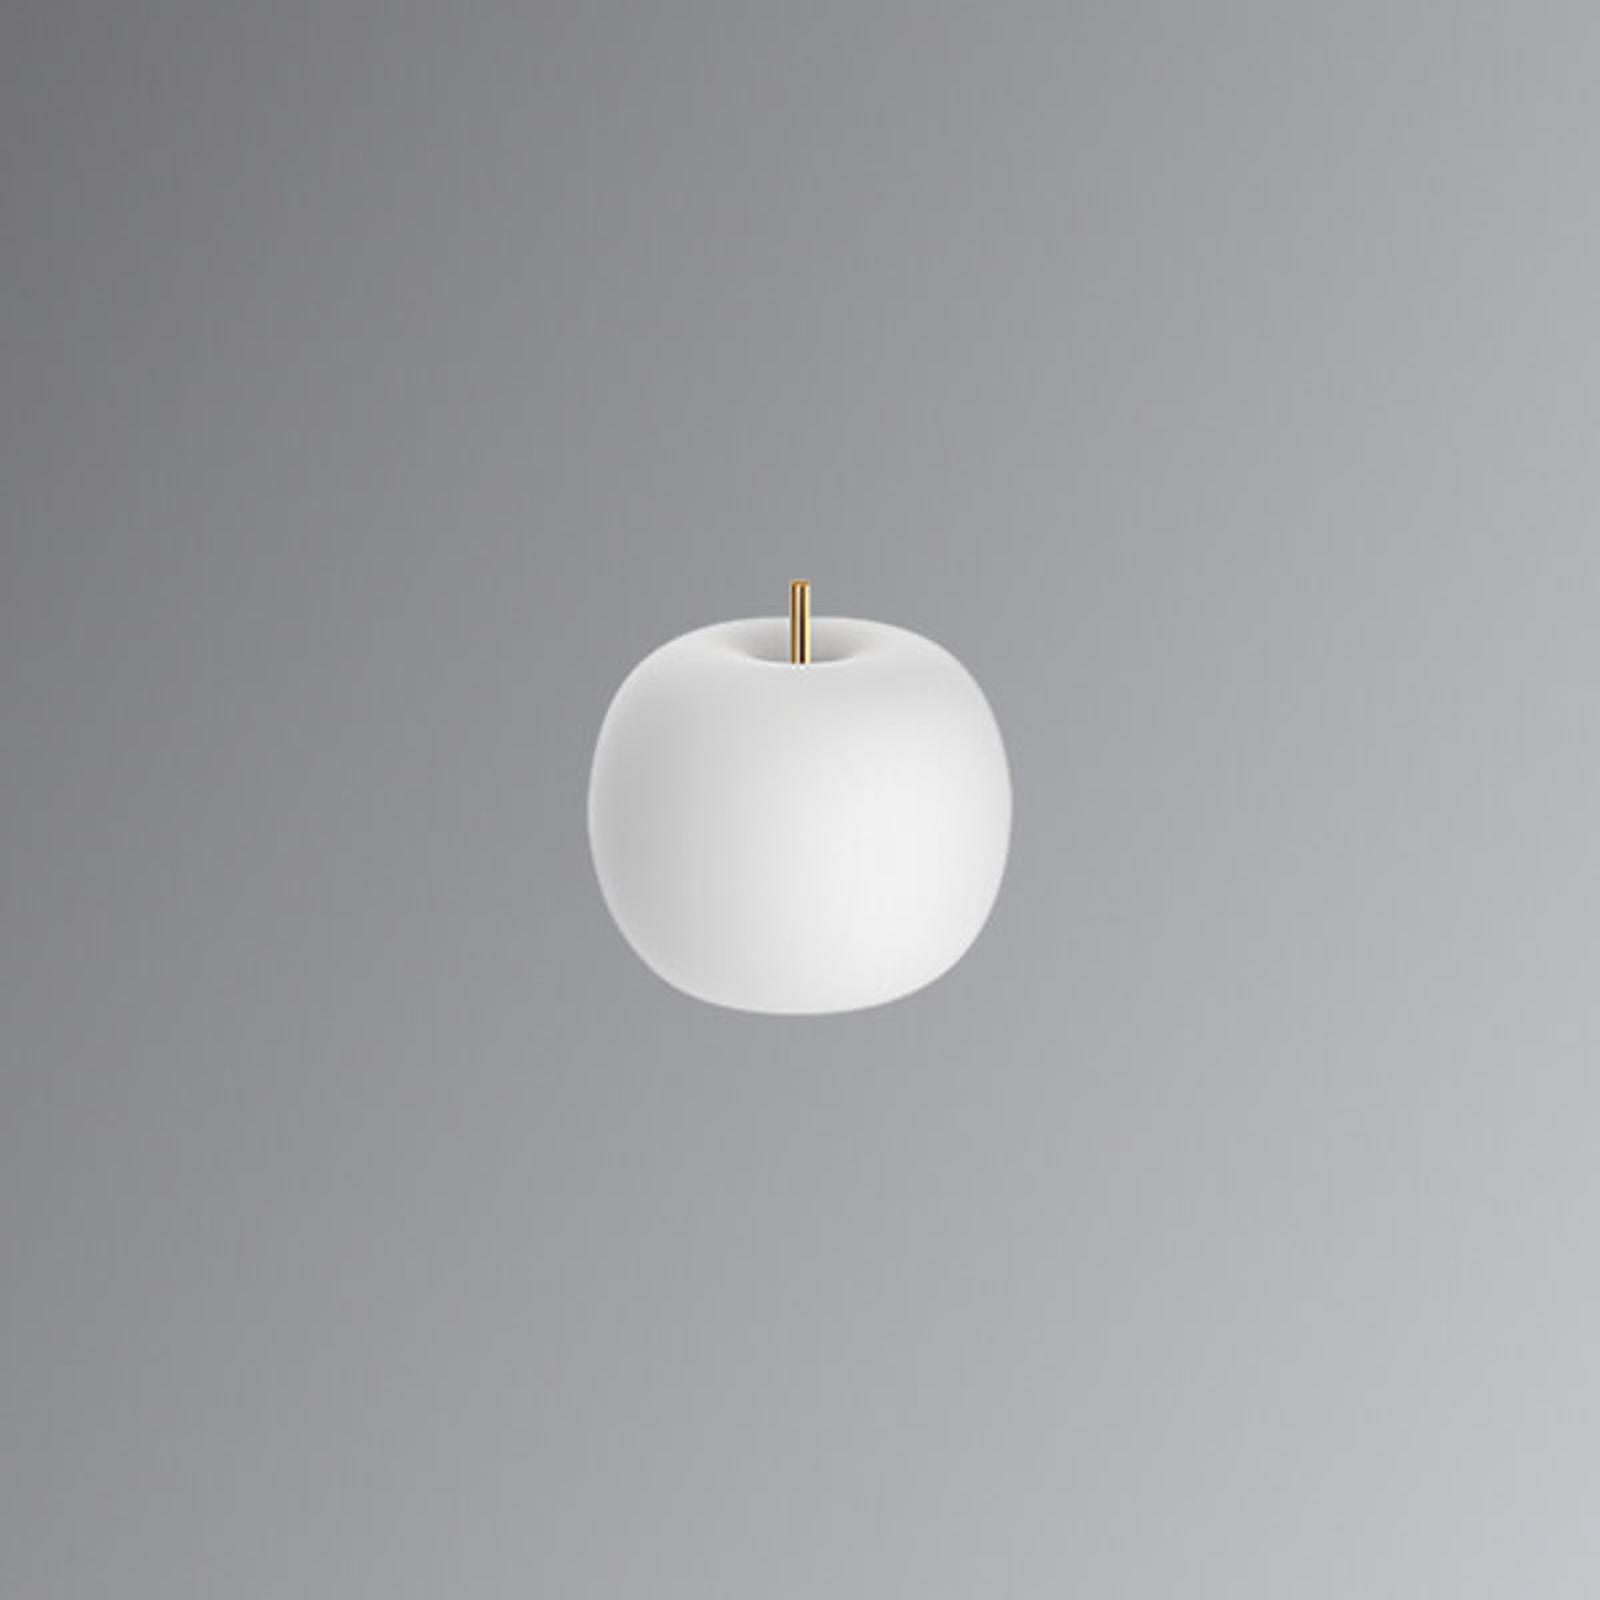 Kundalini Kushi - LED-Tischleuchte messing 16cm